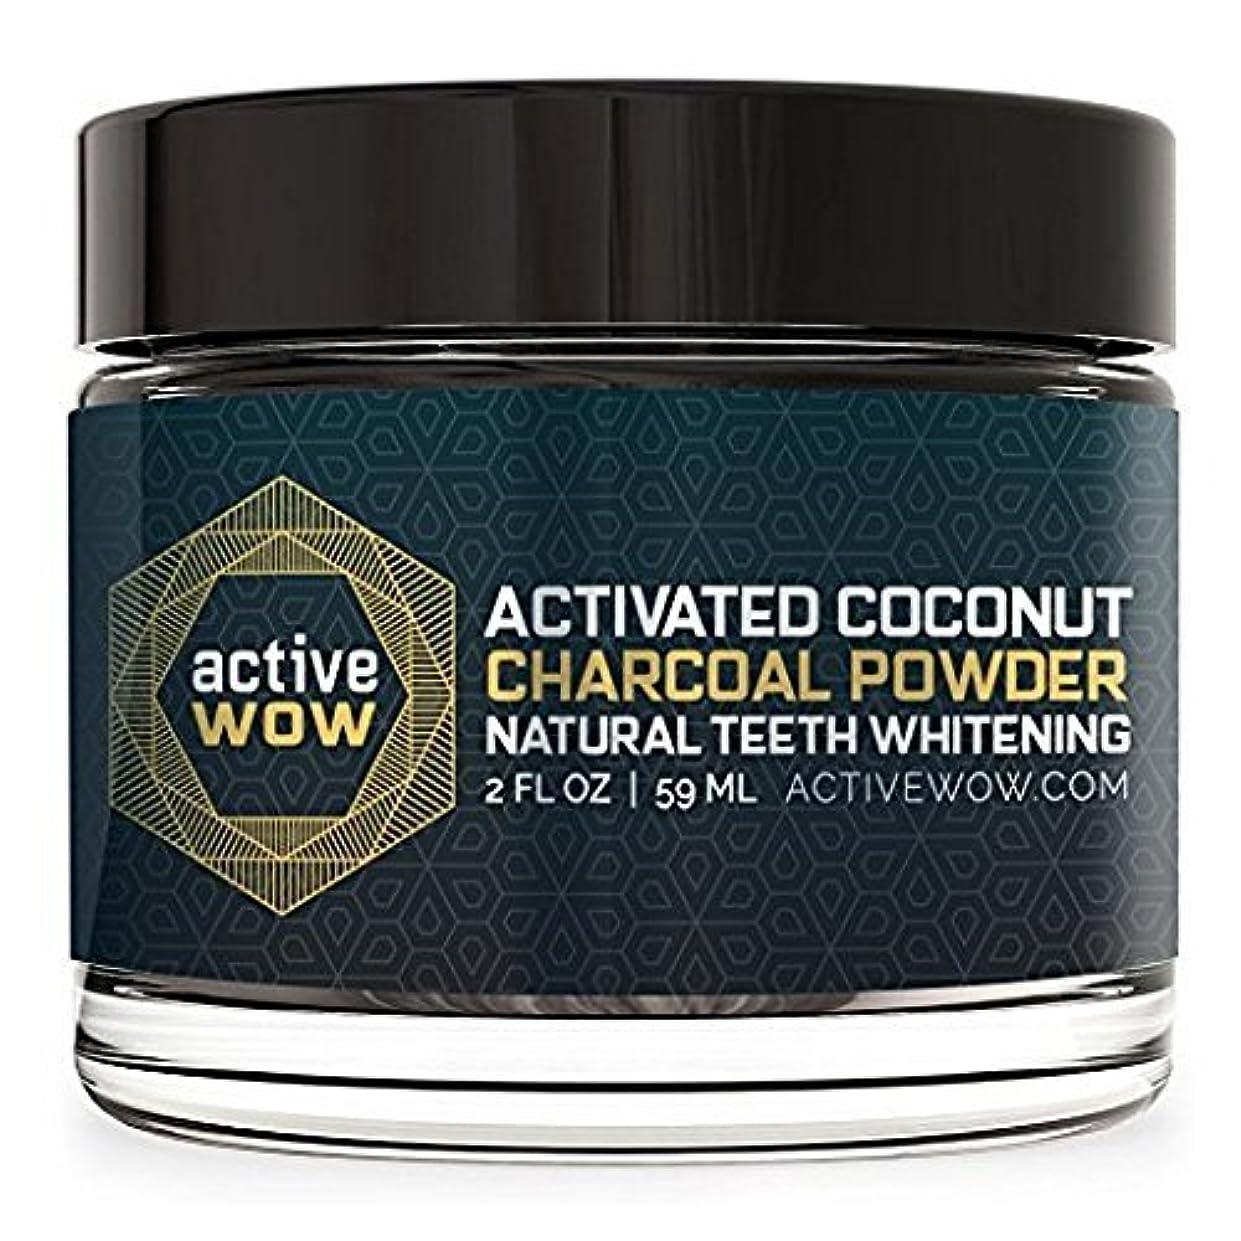 余裕がある解決する局アメリカで売れている 炭パウダー歯のホワイトニング Teeth Whitening Charcoal Powder Natural [並行輸入品]